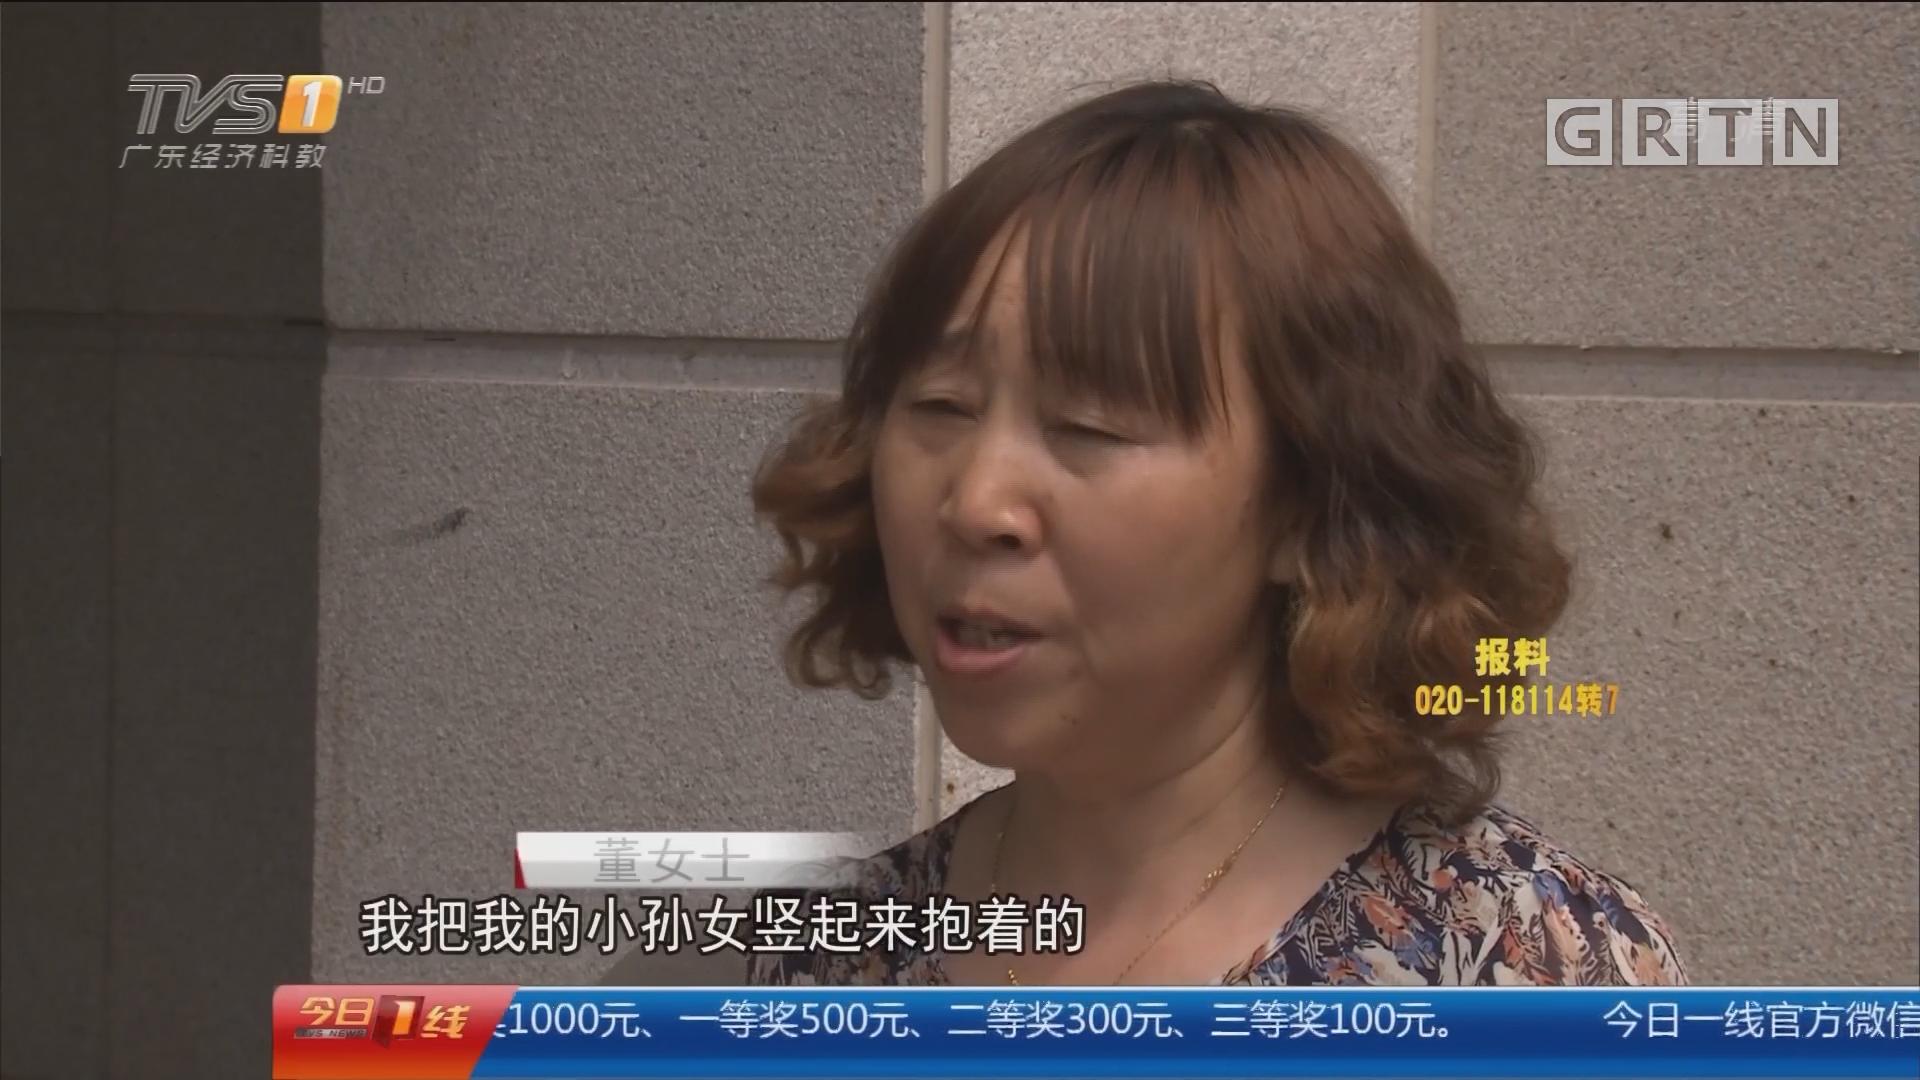 东莞塘厦:苹果砸昏女婴 警方寻高空抛物嫌疑人